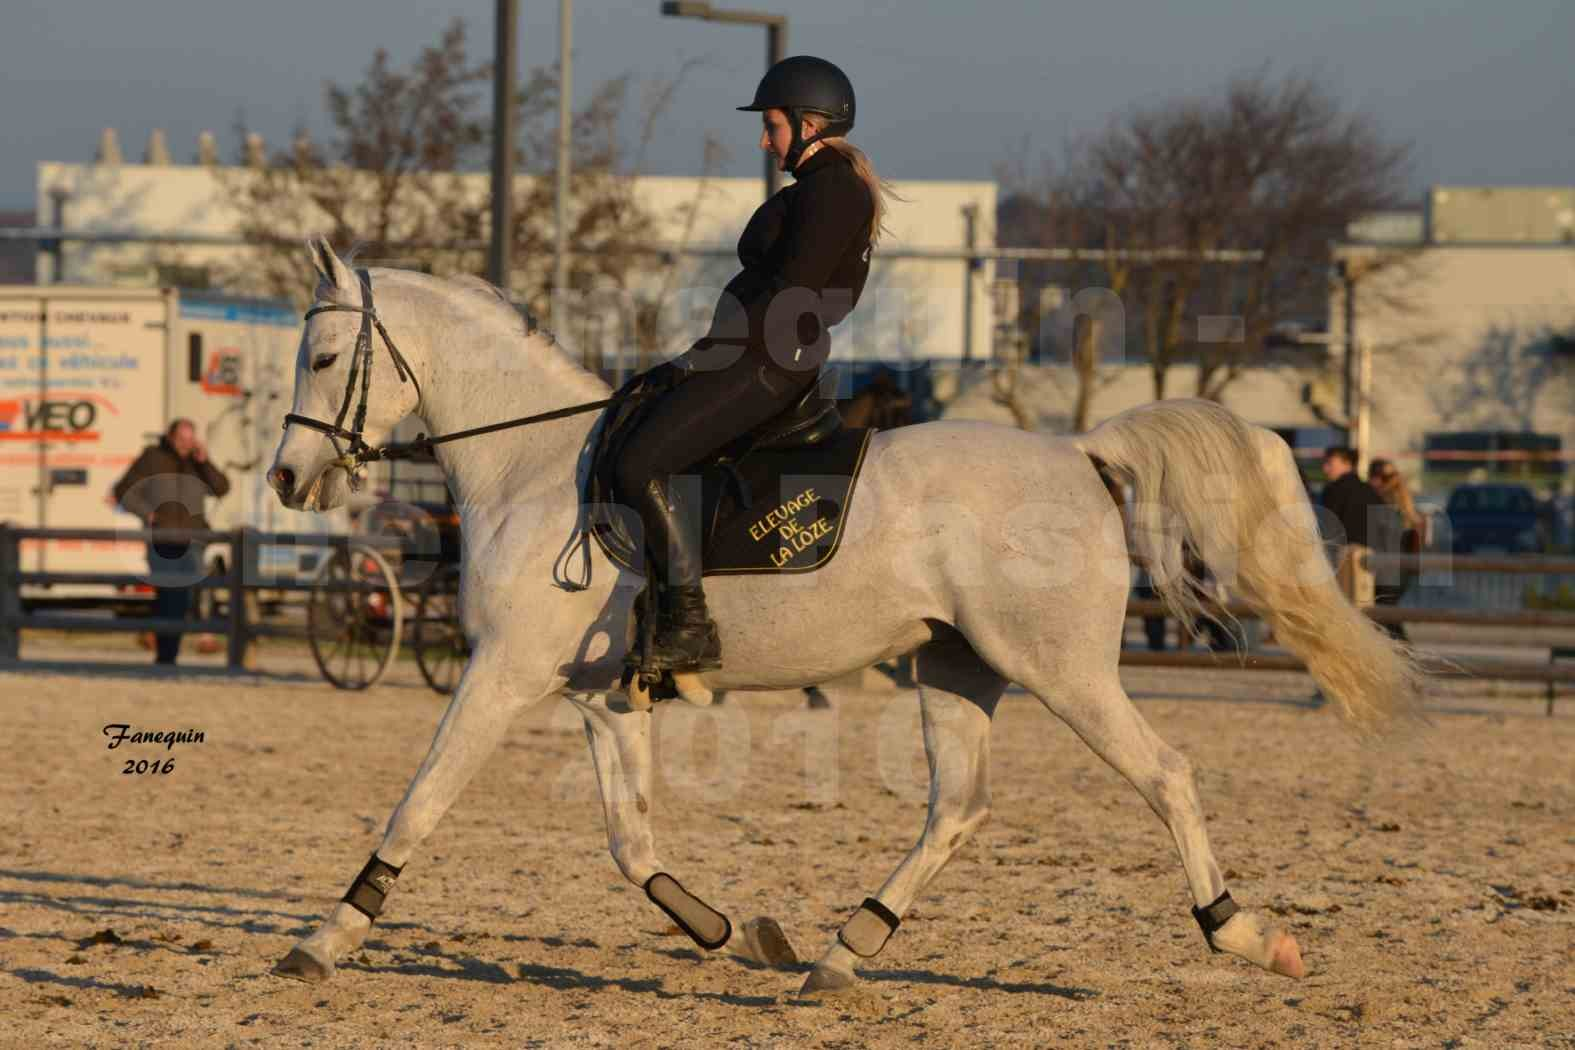 Cheval Passion 2016 - Présentation extérieure de chevaux Arabes montés - 17